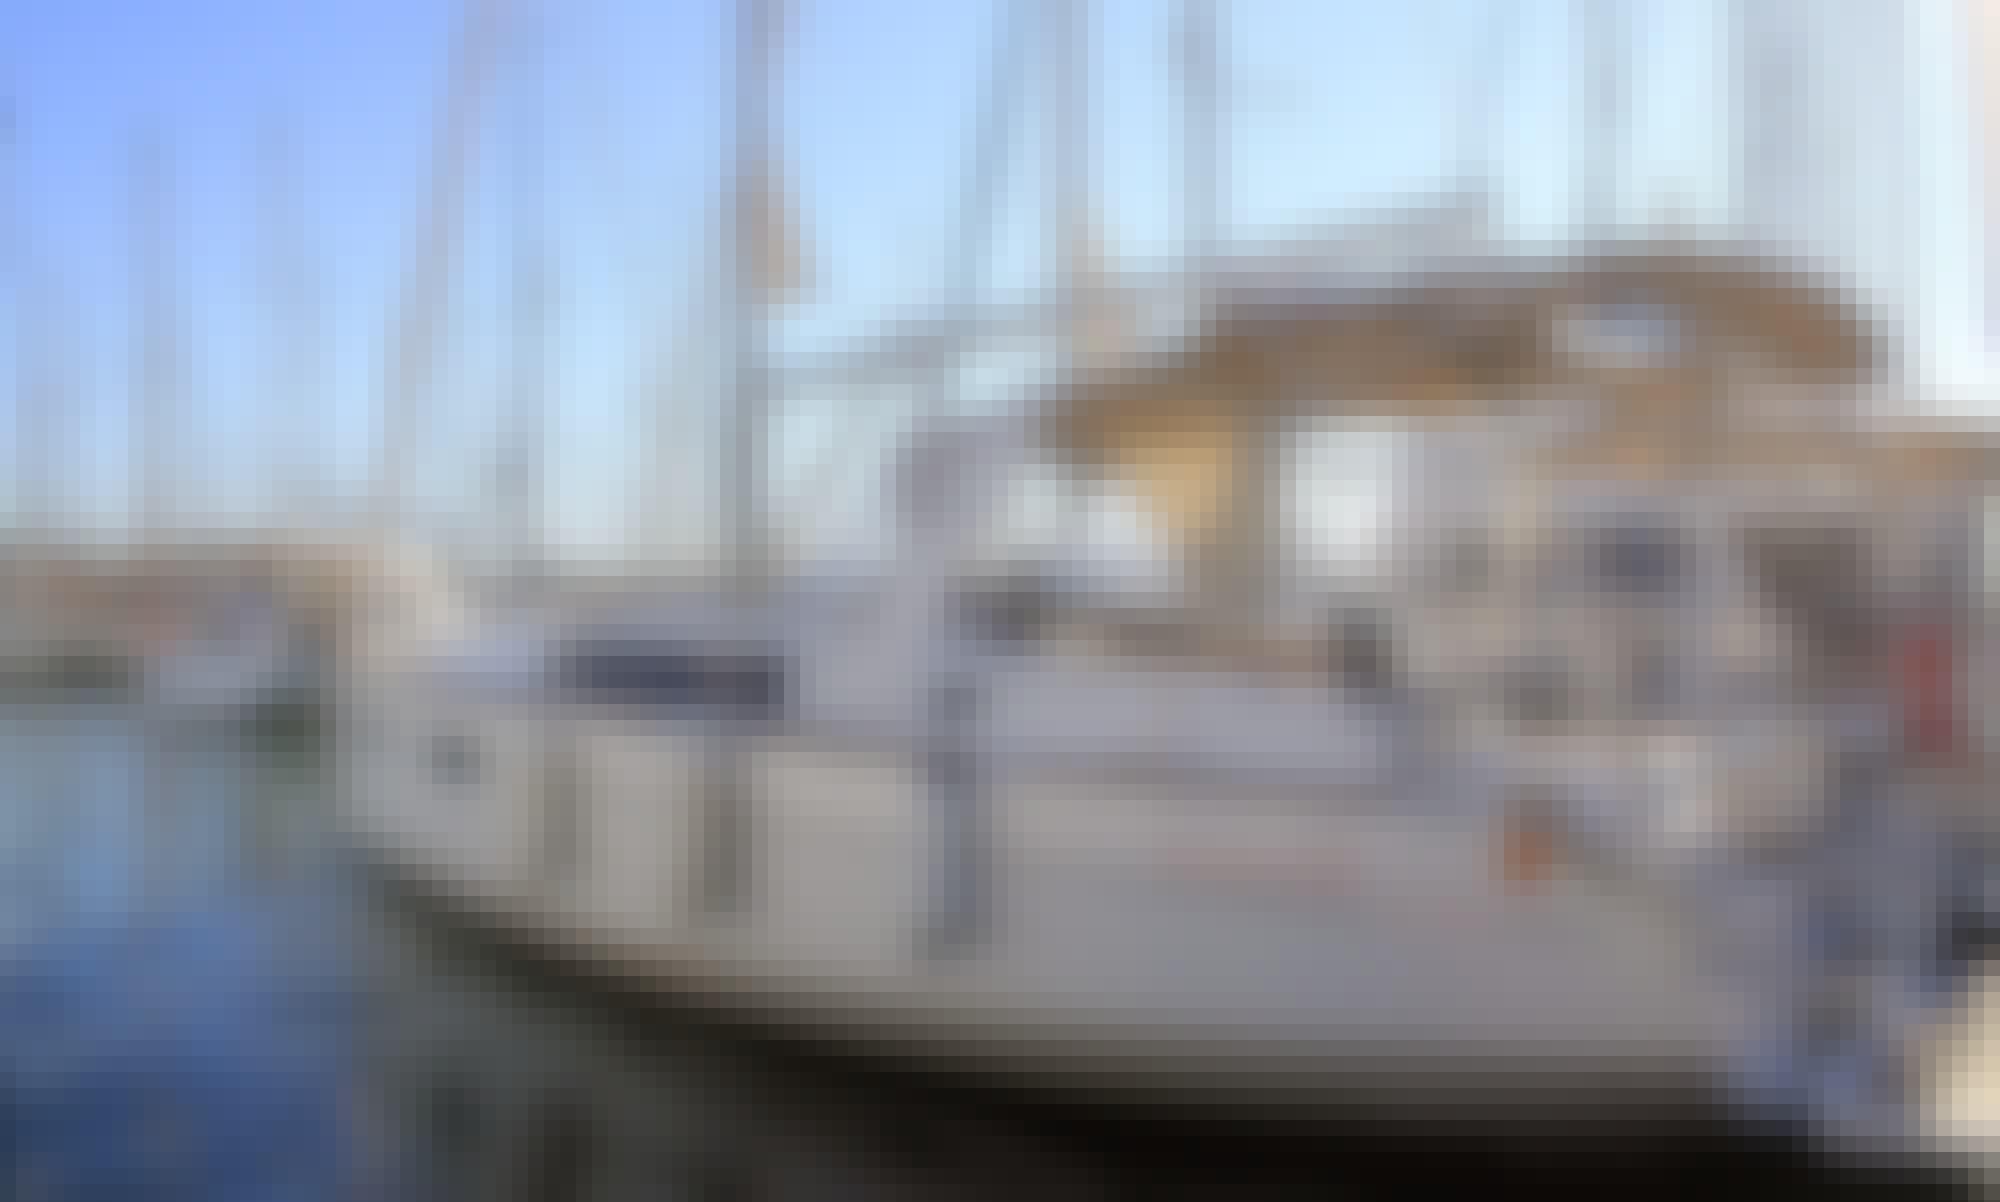 Charter the 2018 Oceanis 35.1 at l'Estartit, Costa Brava, Spain